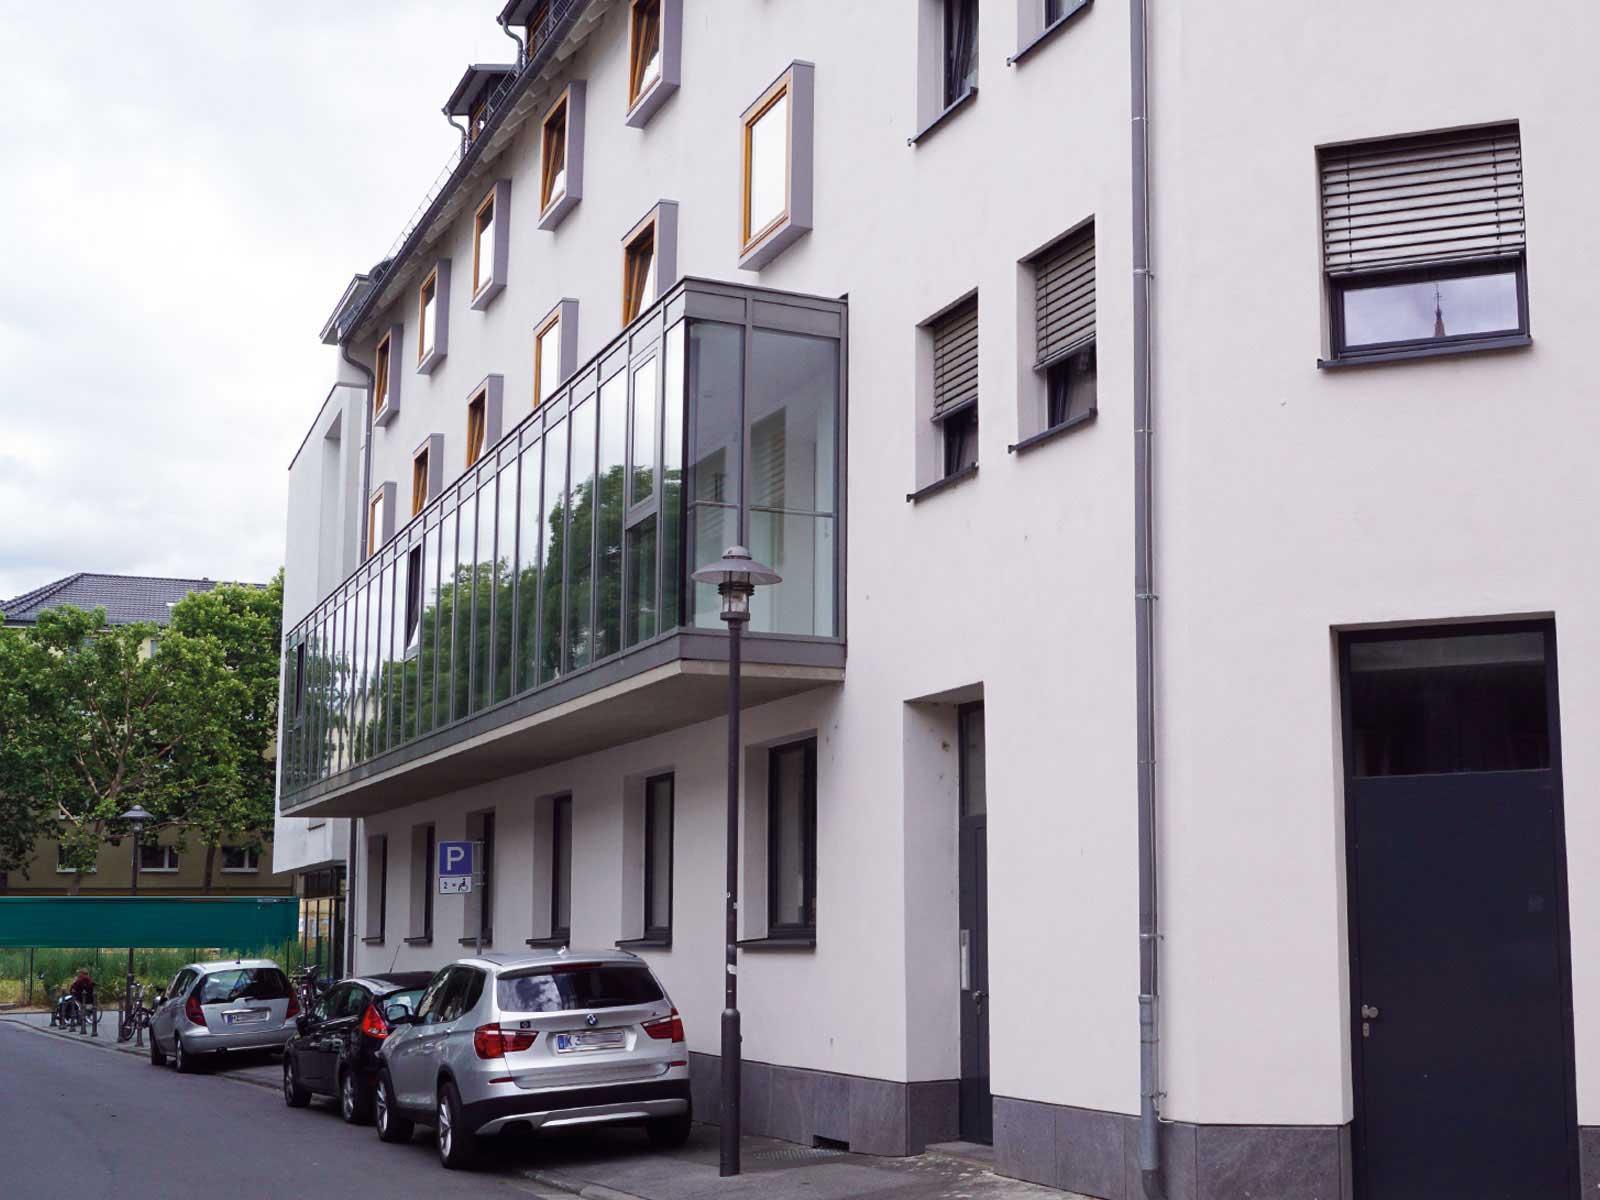 Seniorenzentrum-Bruder-Konrad-Stift-Betreutes-Wohnen-5